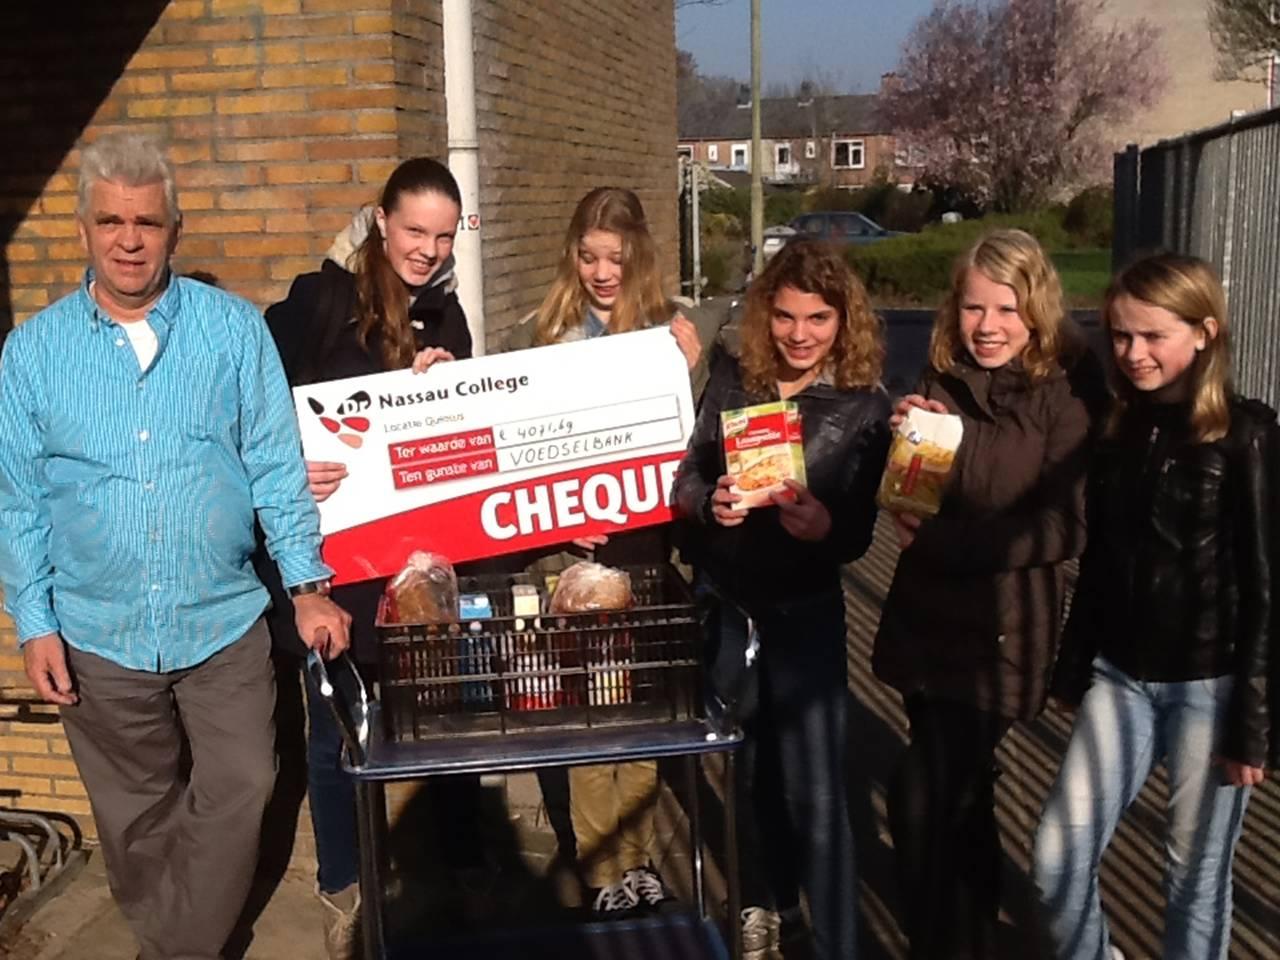 Dr. Nassauleerlingen overhandigen cheque aan Voedselbank